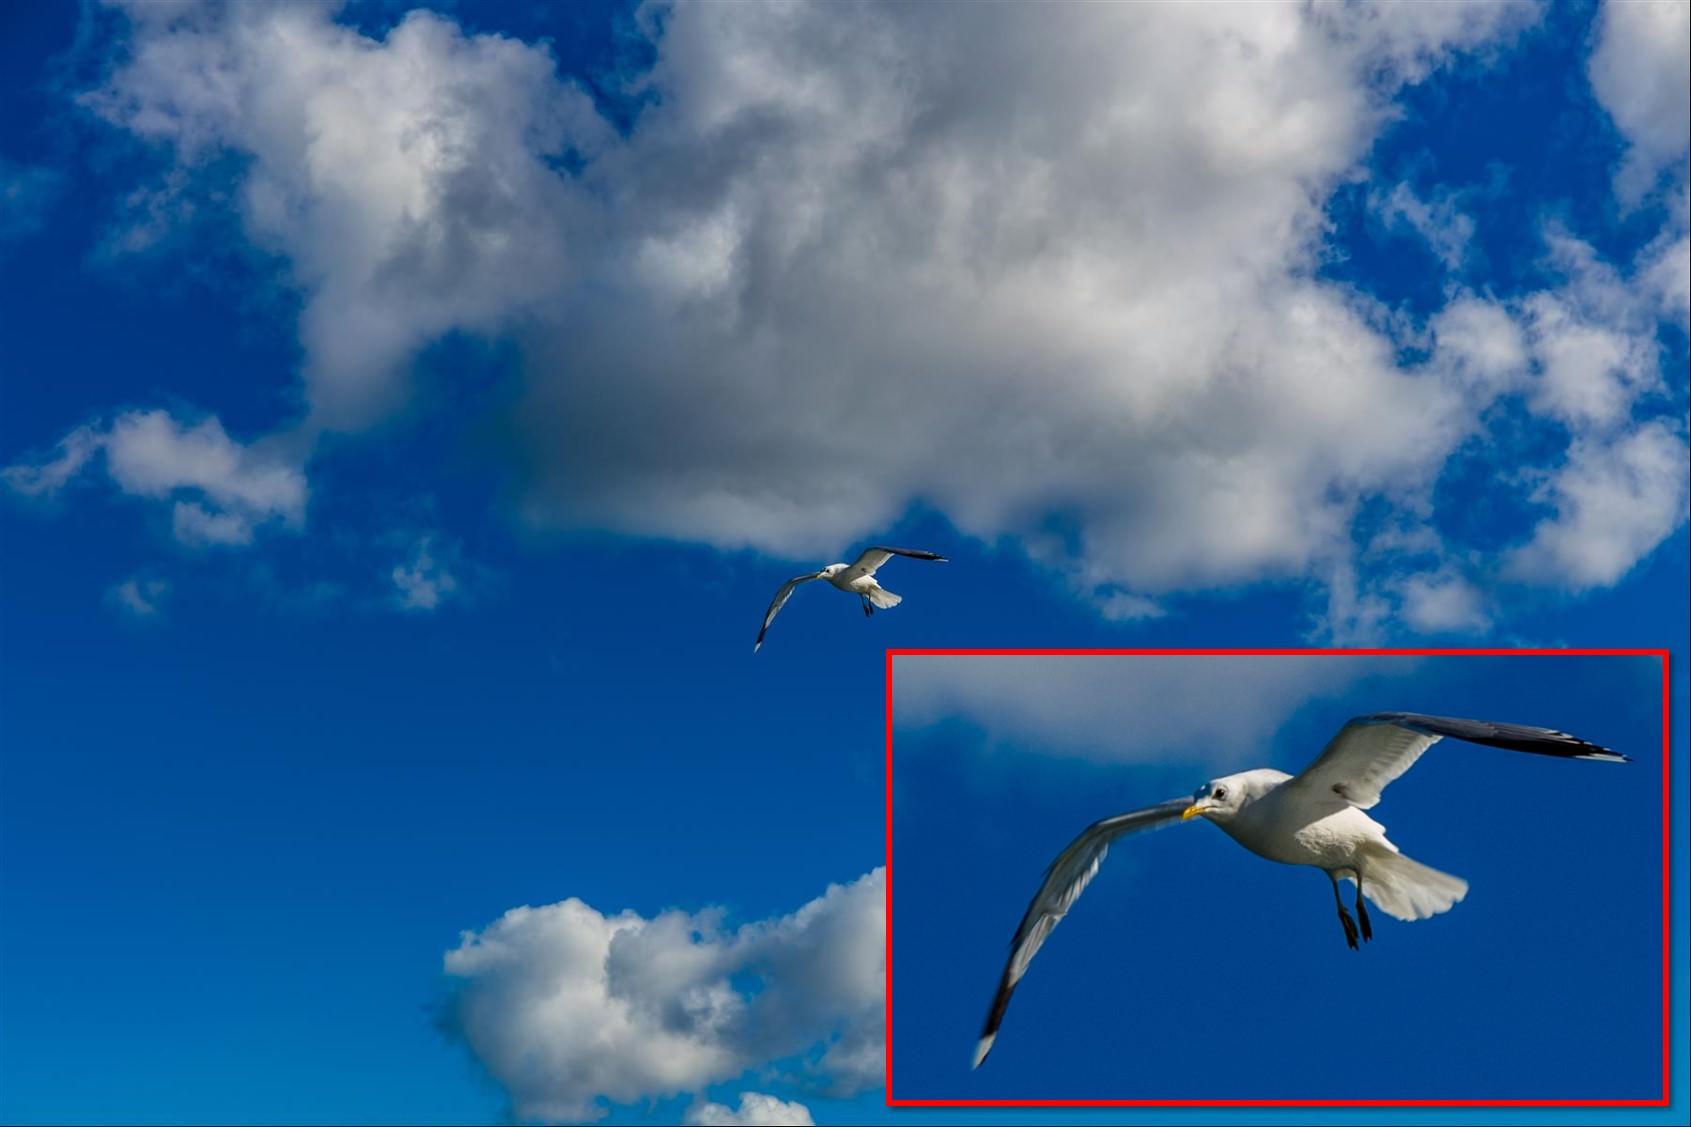 拍鳥對焦設定